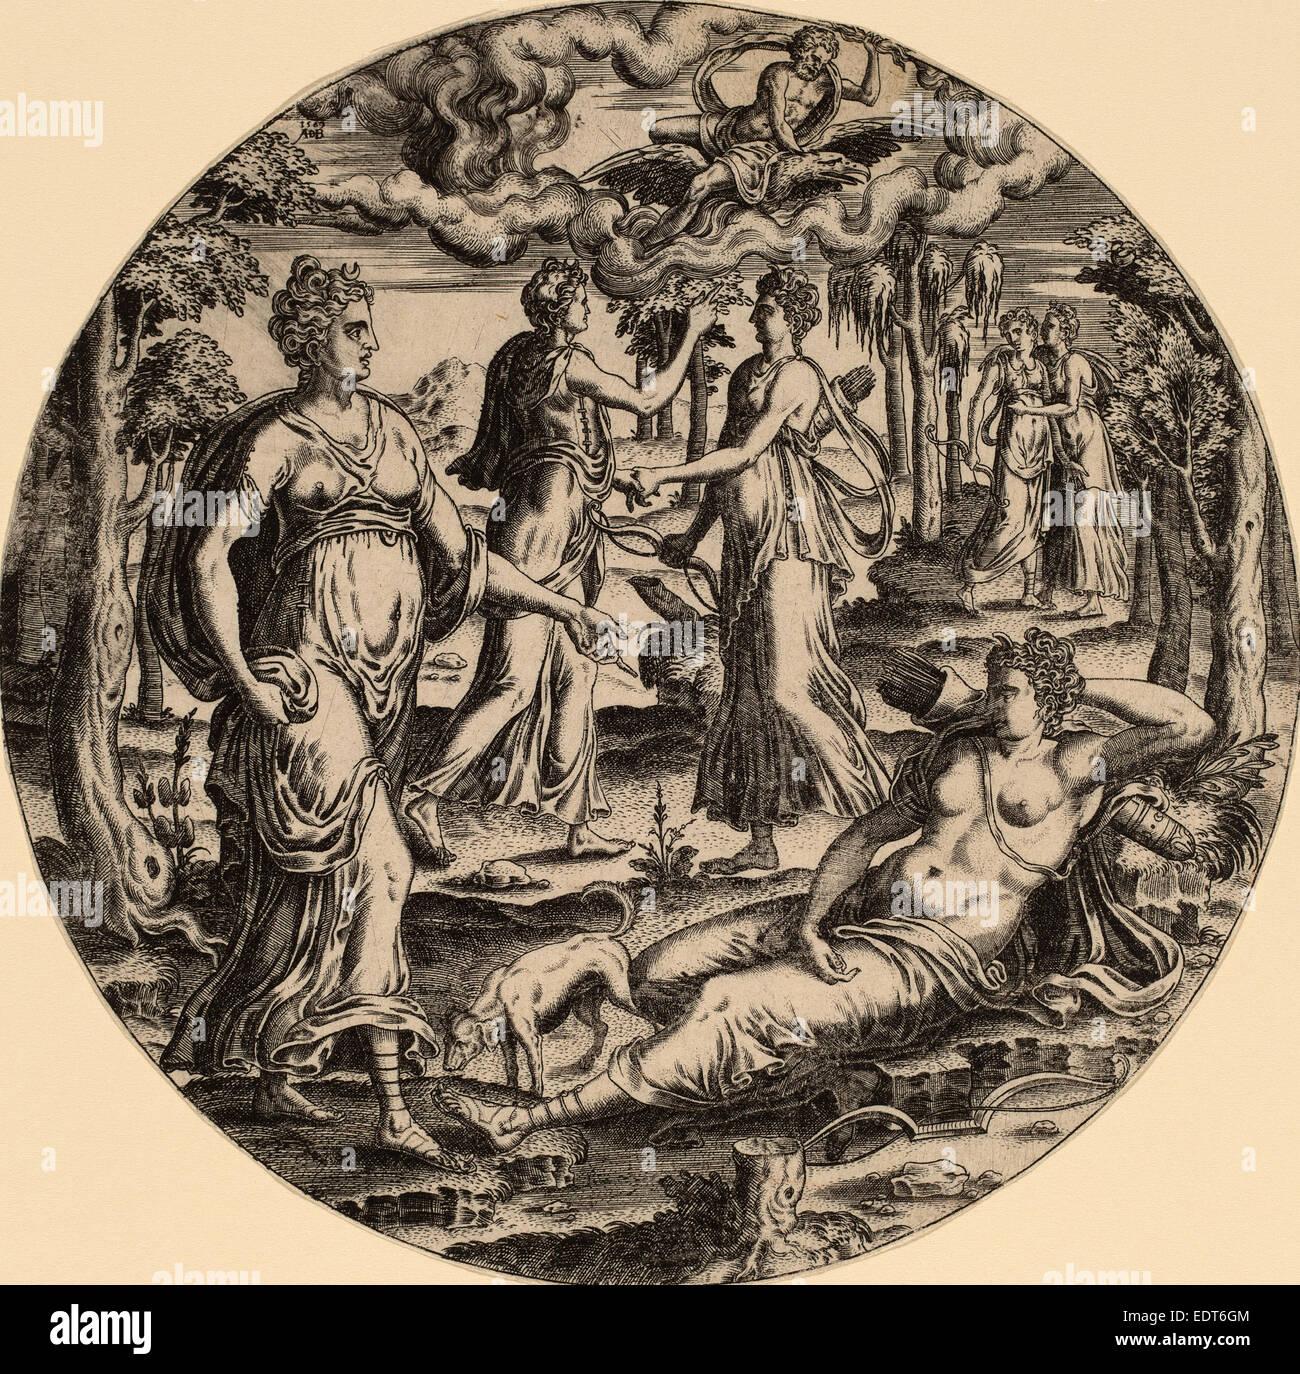 Abraham de bruyn flemish 1540 1587 diana and her - De breuyn mobel ...